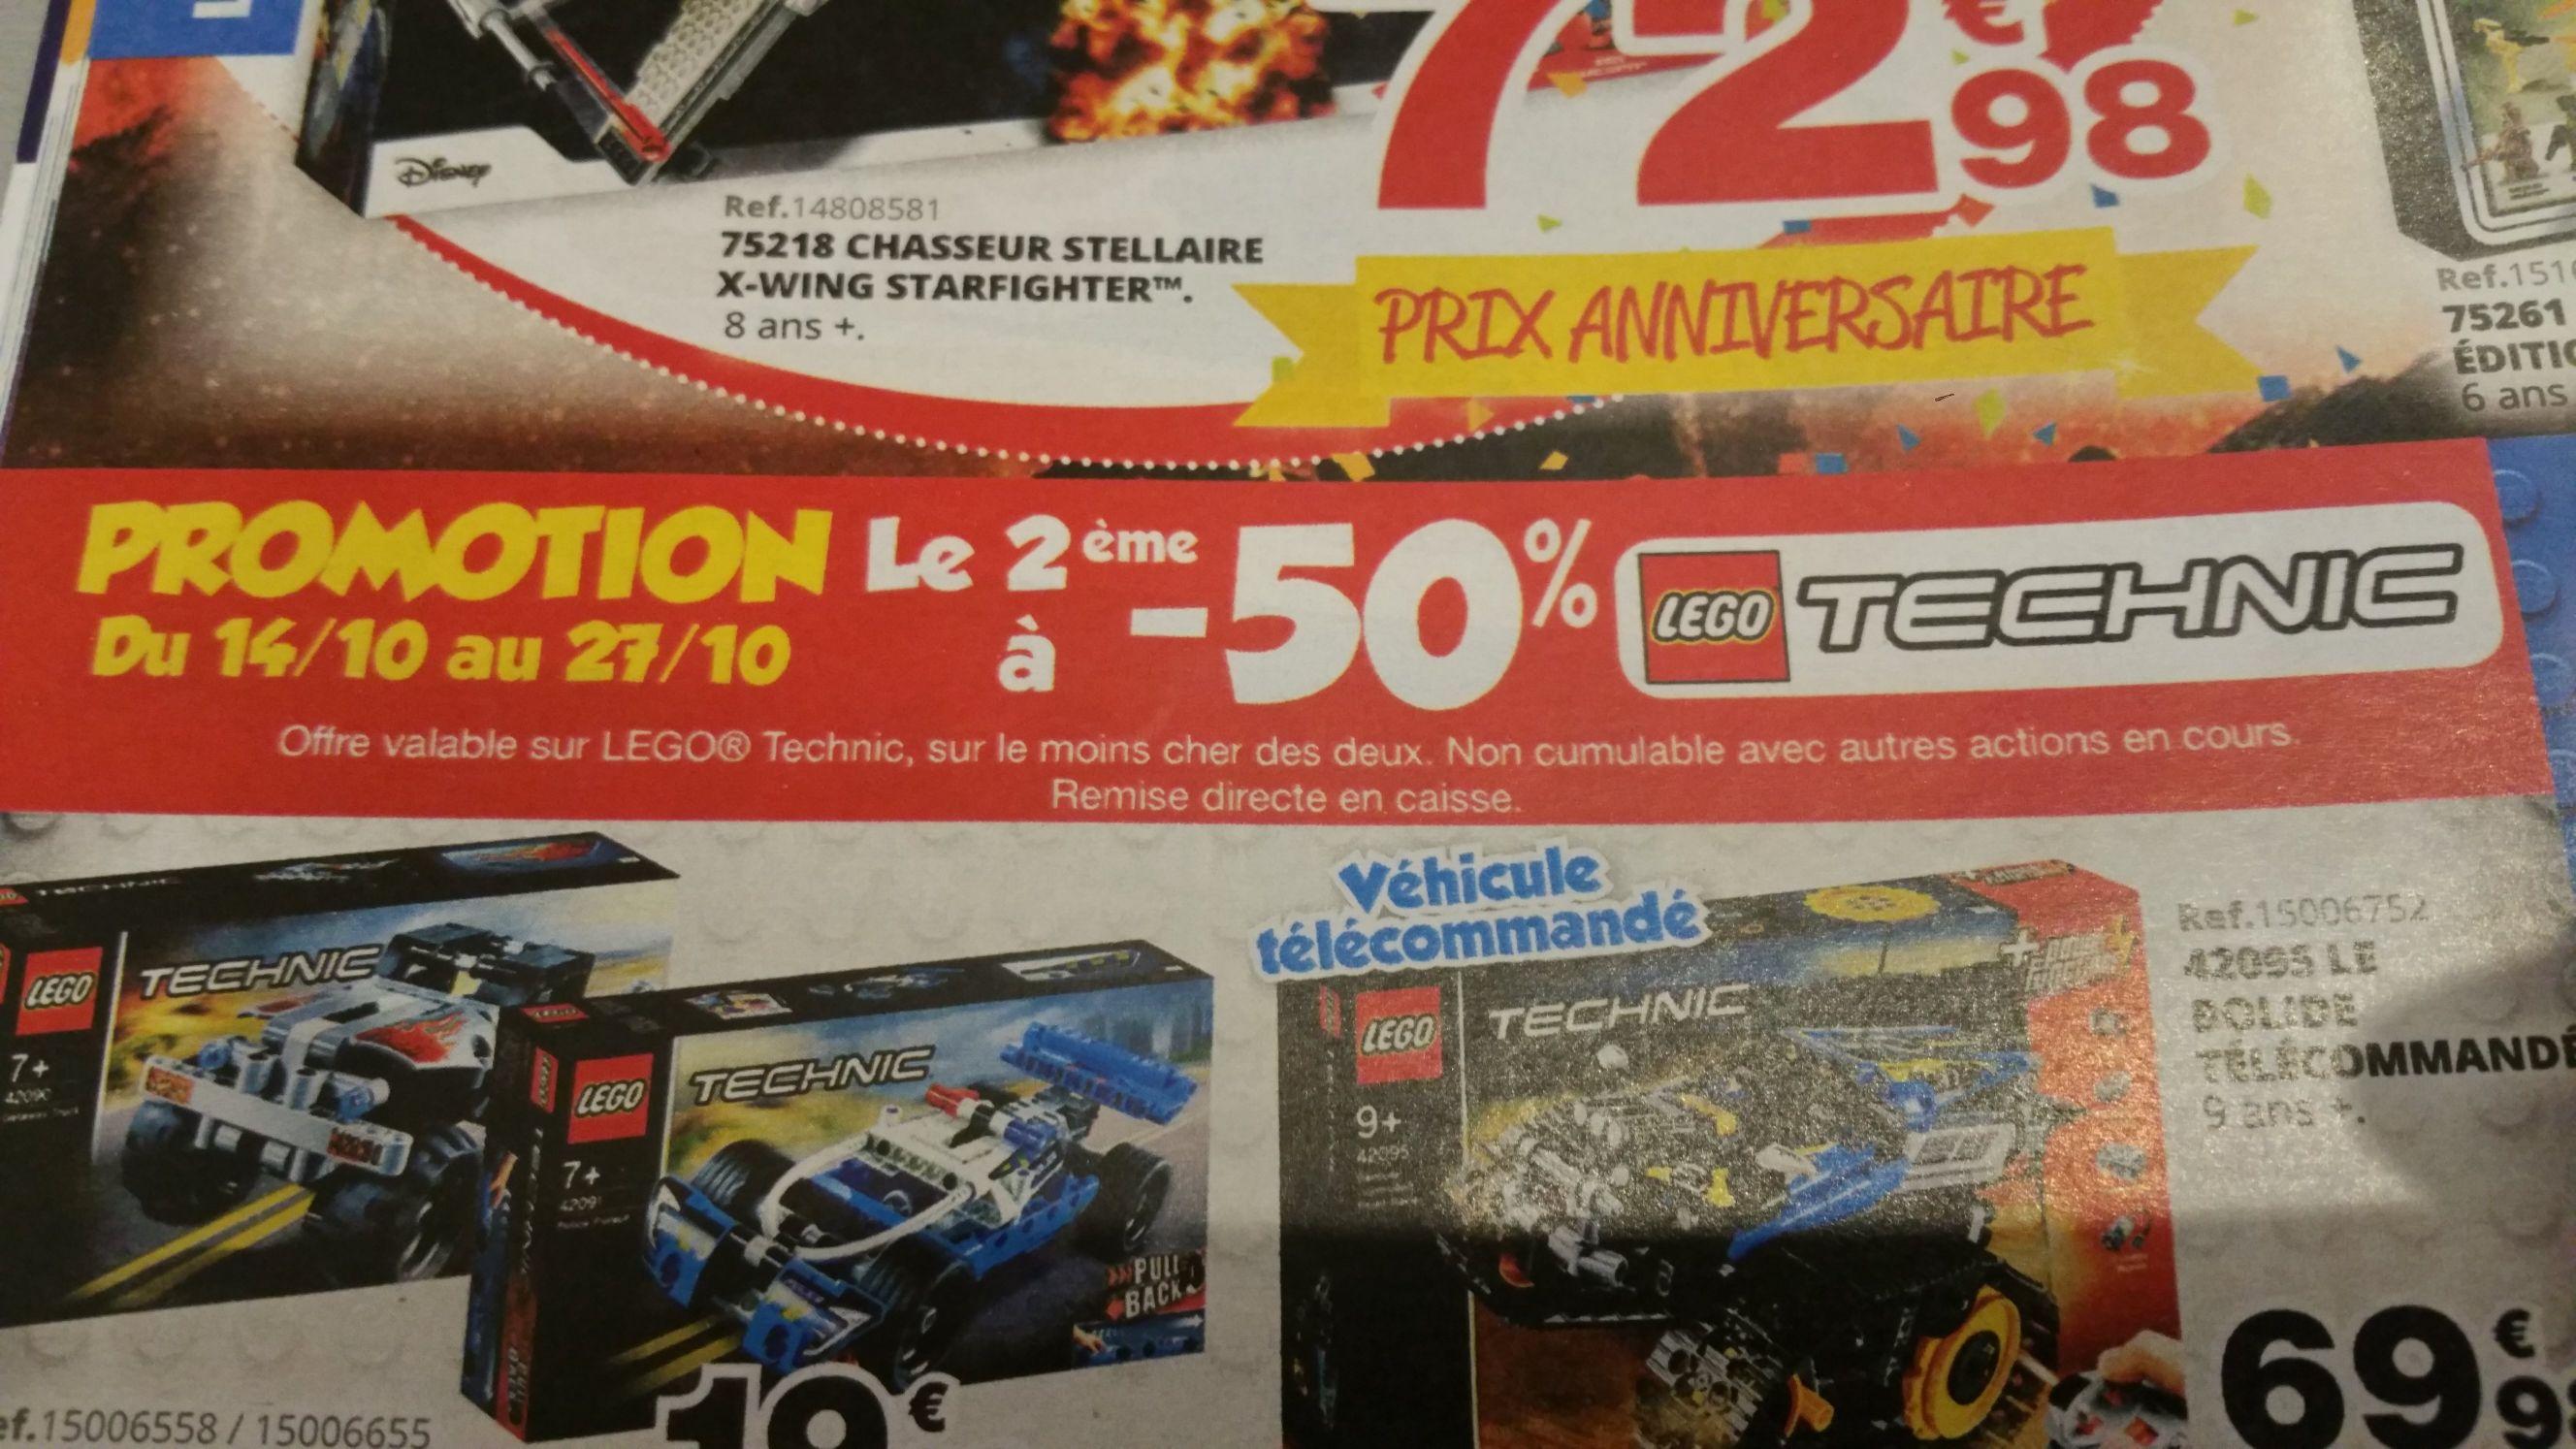 50% de réduction immédiate sur le second article Lego Technic acheté (Le moins cher des 2)